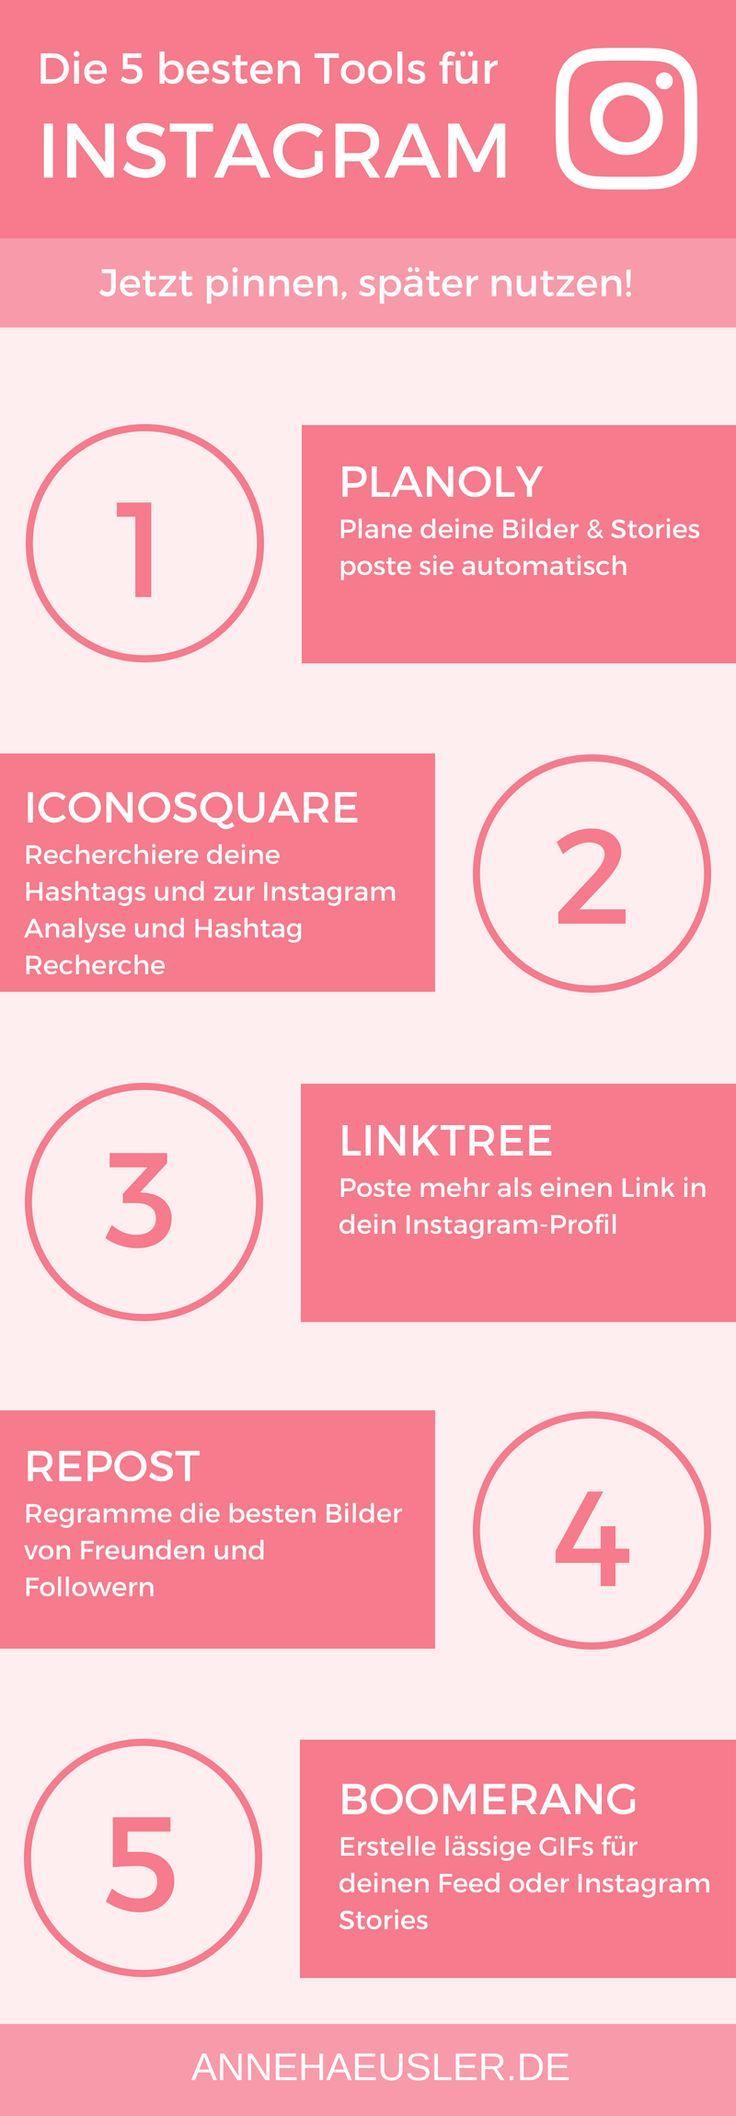 Die 37+ besten Online-Marketing und Blogging Tools – Cathrin Manning | TheContentBug | Blogging, SEO, & Pinterest Tips